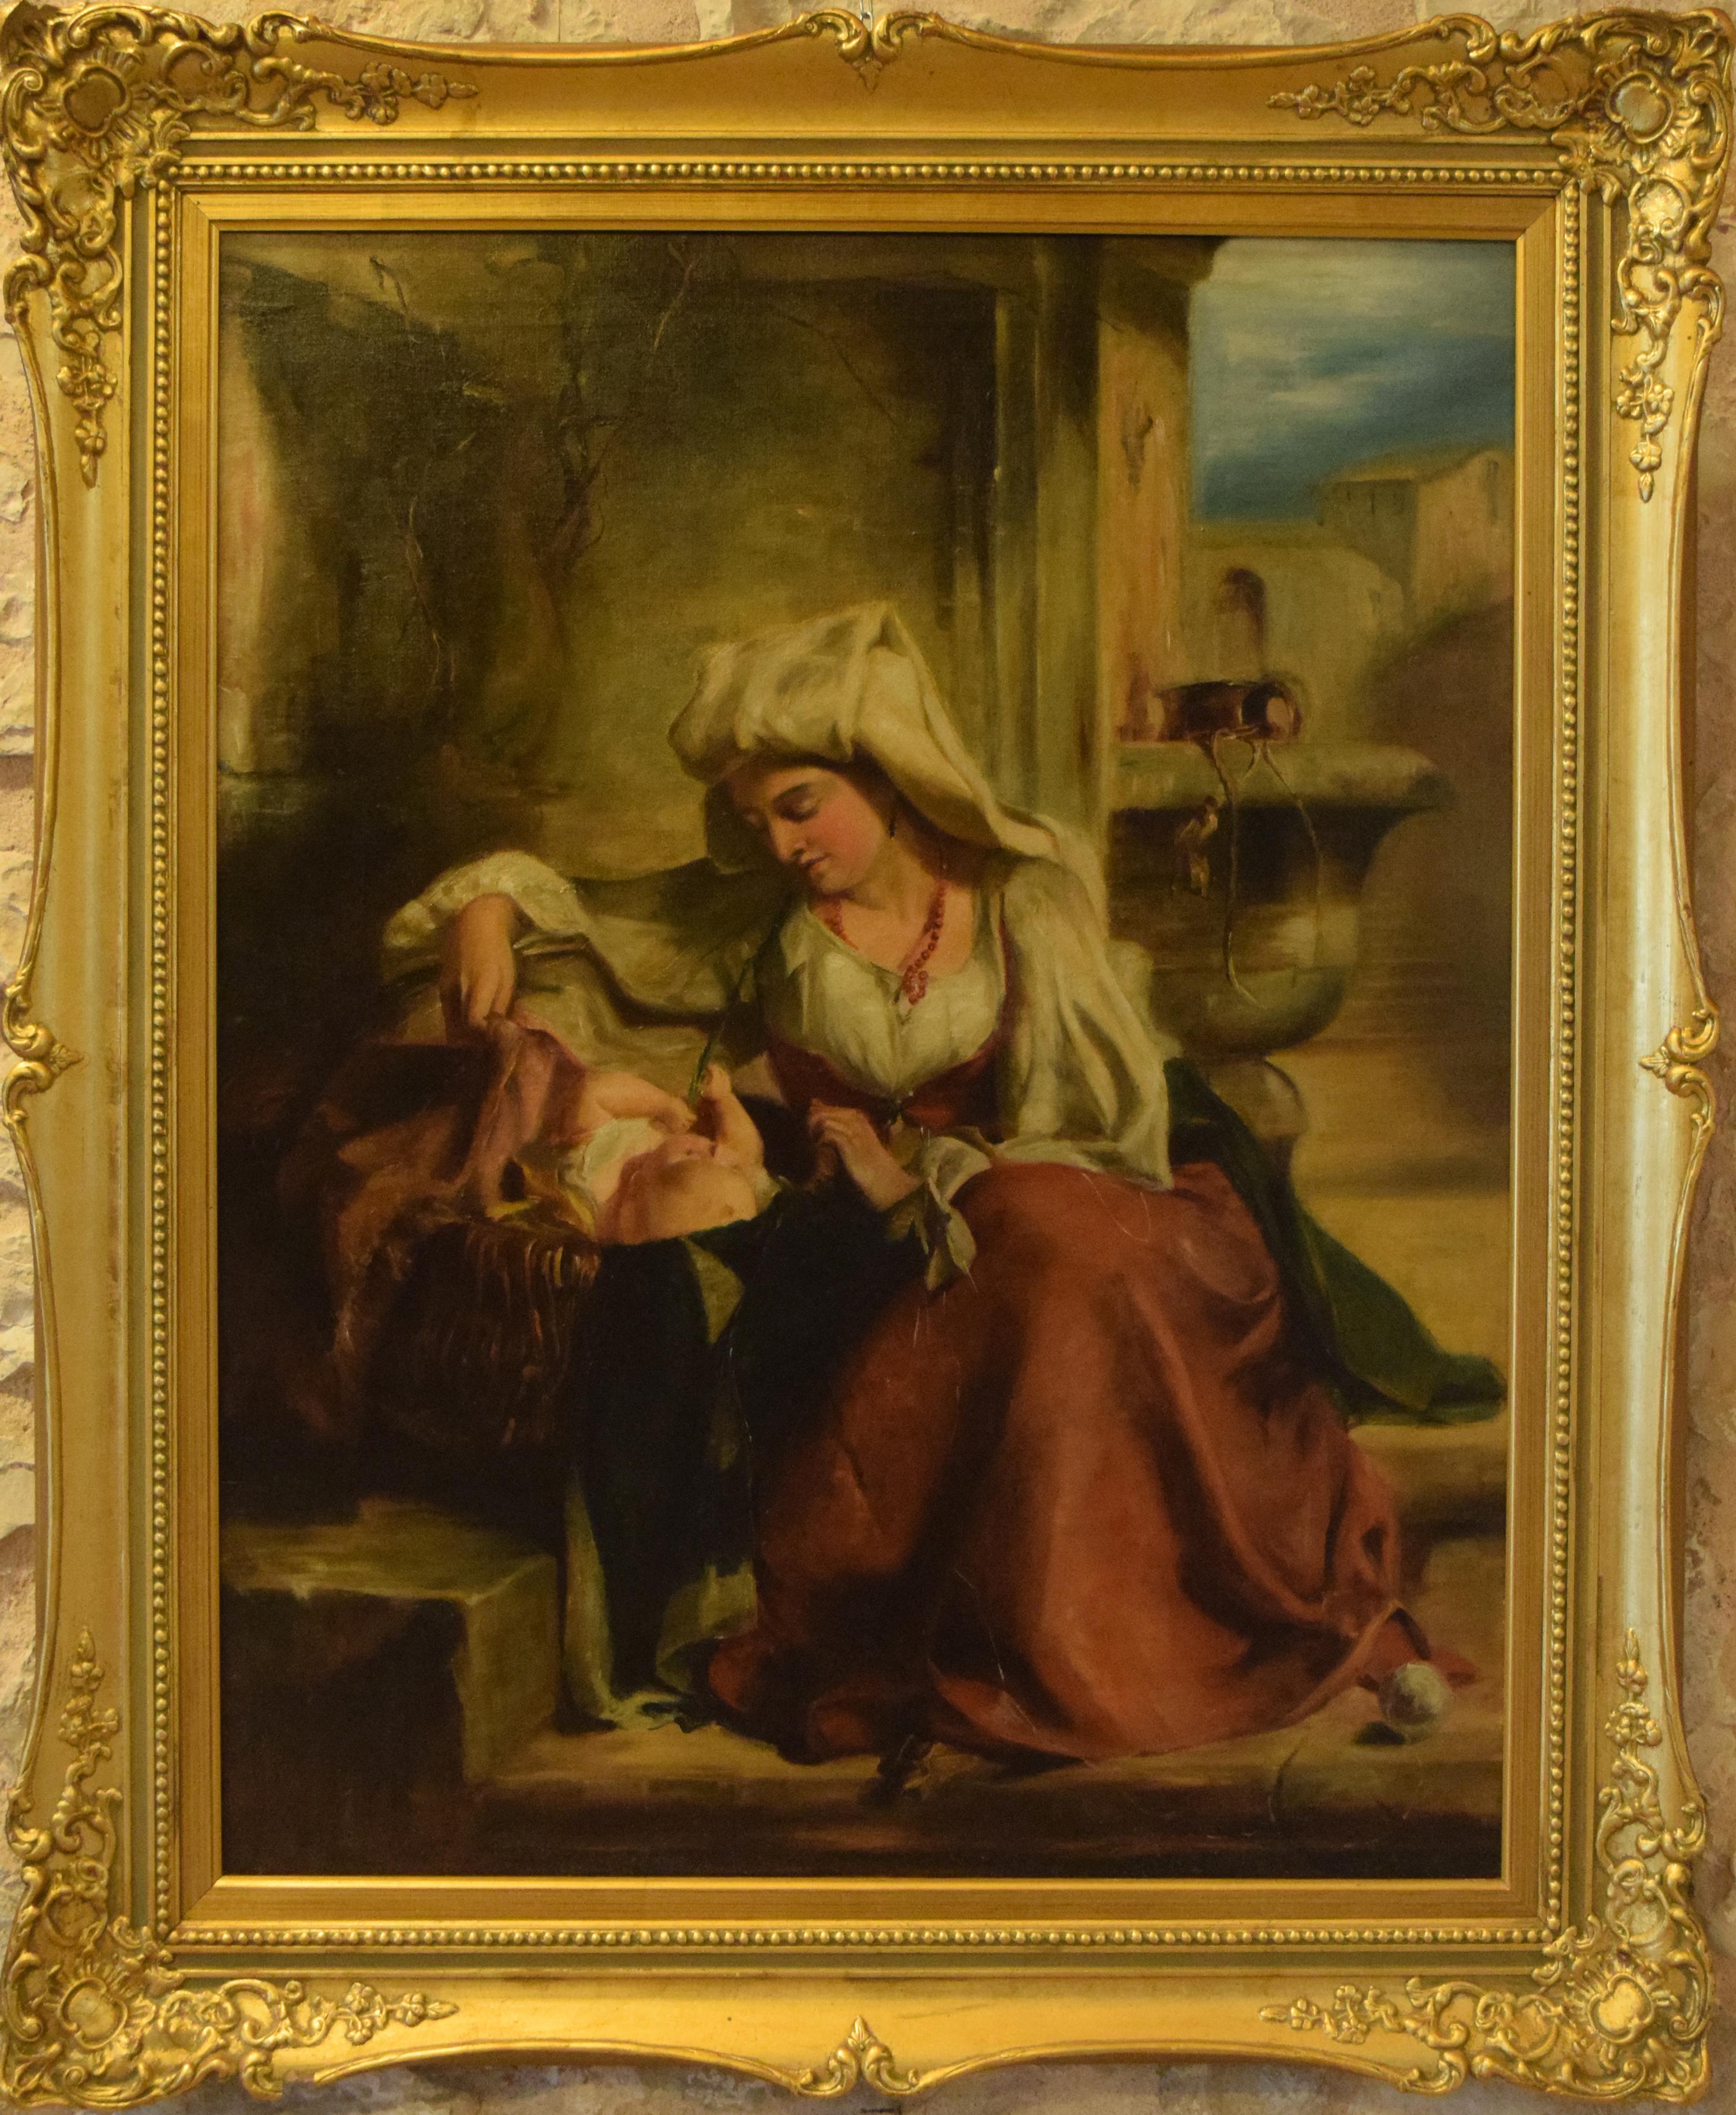 36-ignoto-donna-romana-con-bambino